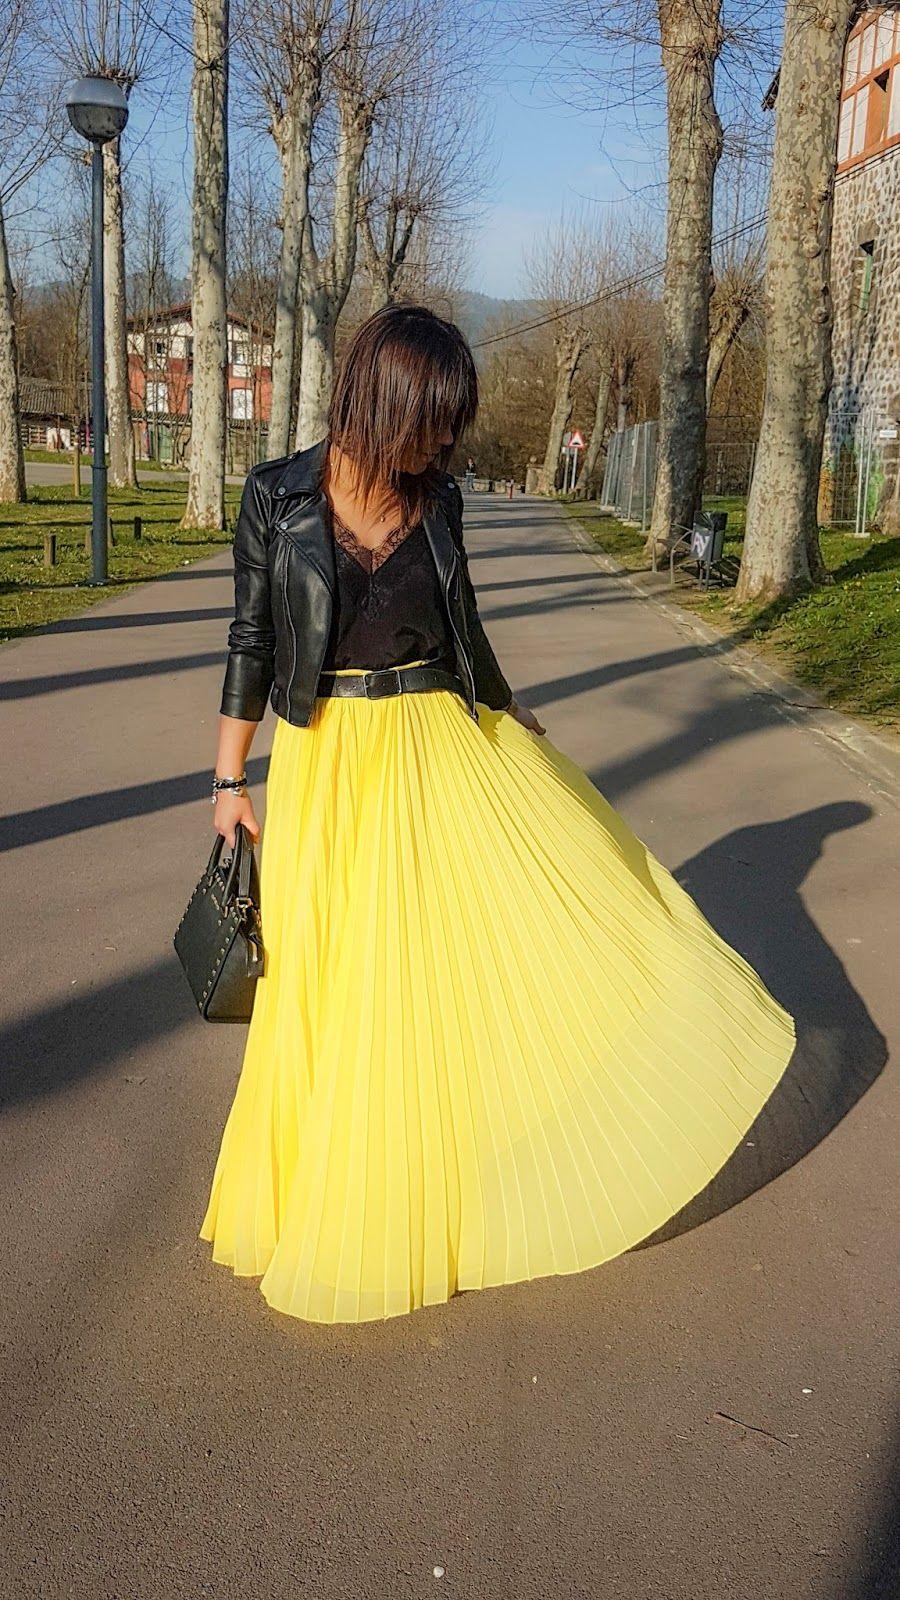 39bd02c9cc falda larga plisada en amarillo   complementos en negro (TENDENCIA FALDAS  PLISADAS - la huella de mis tacones)